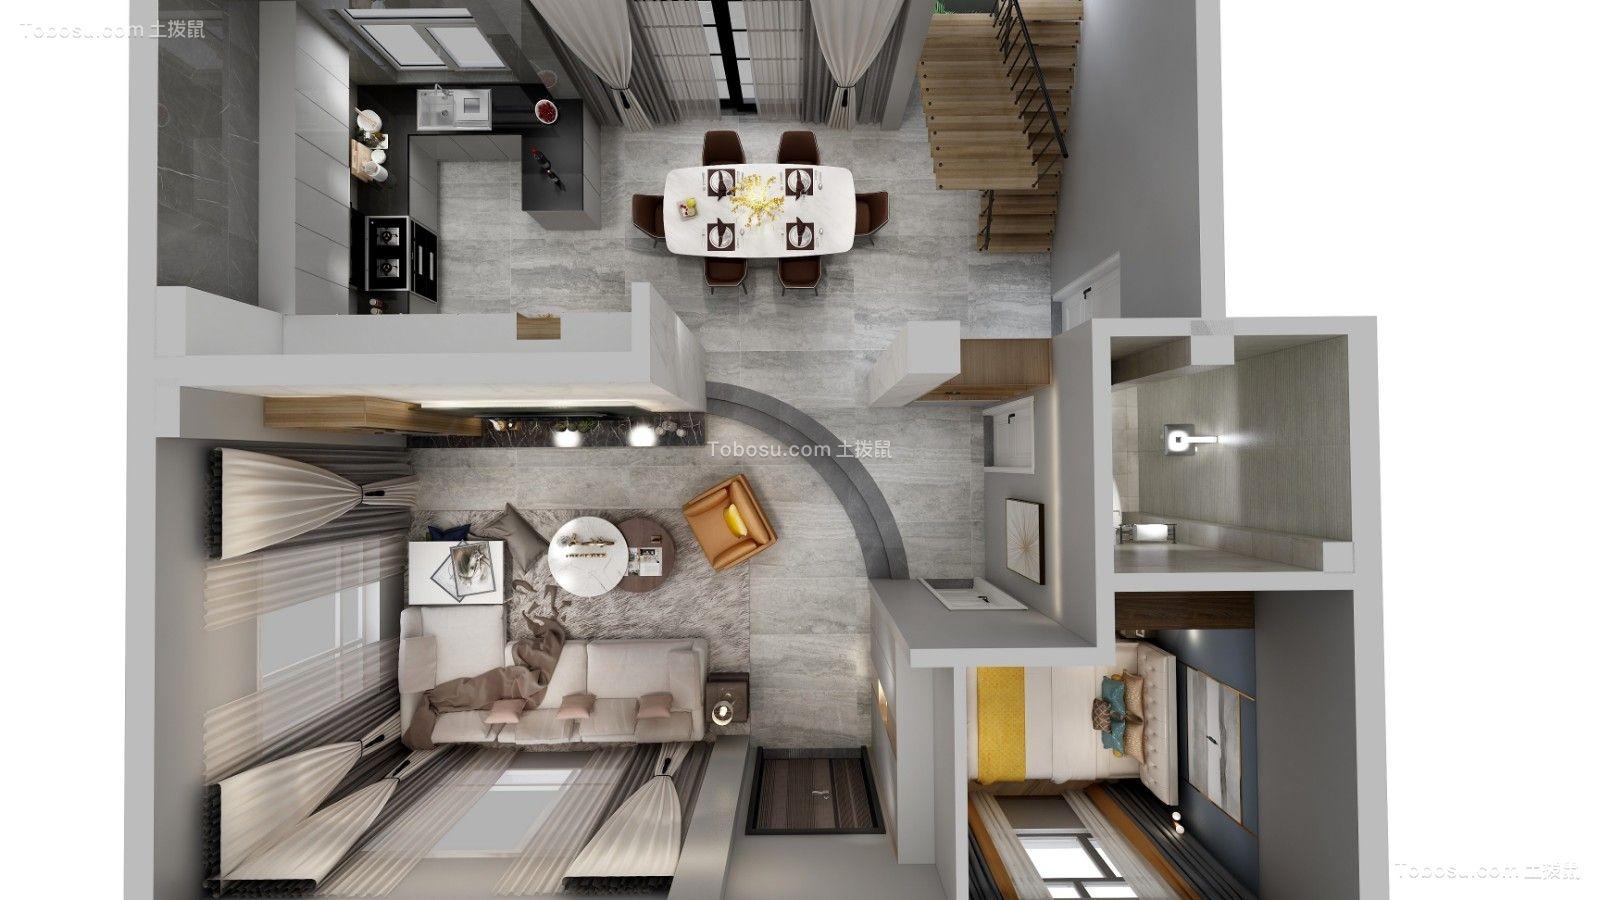 家也许并不需要华丽且繁复的装饰,用简单而自然的元素也能体现出设计的真谛